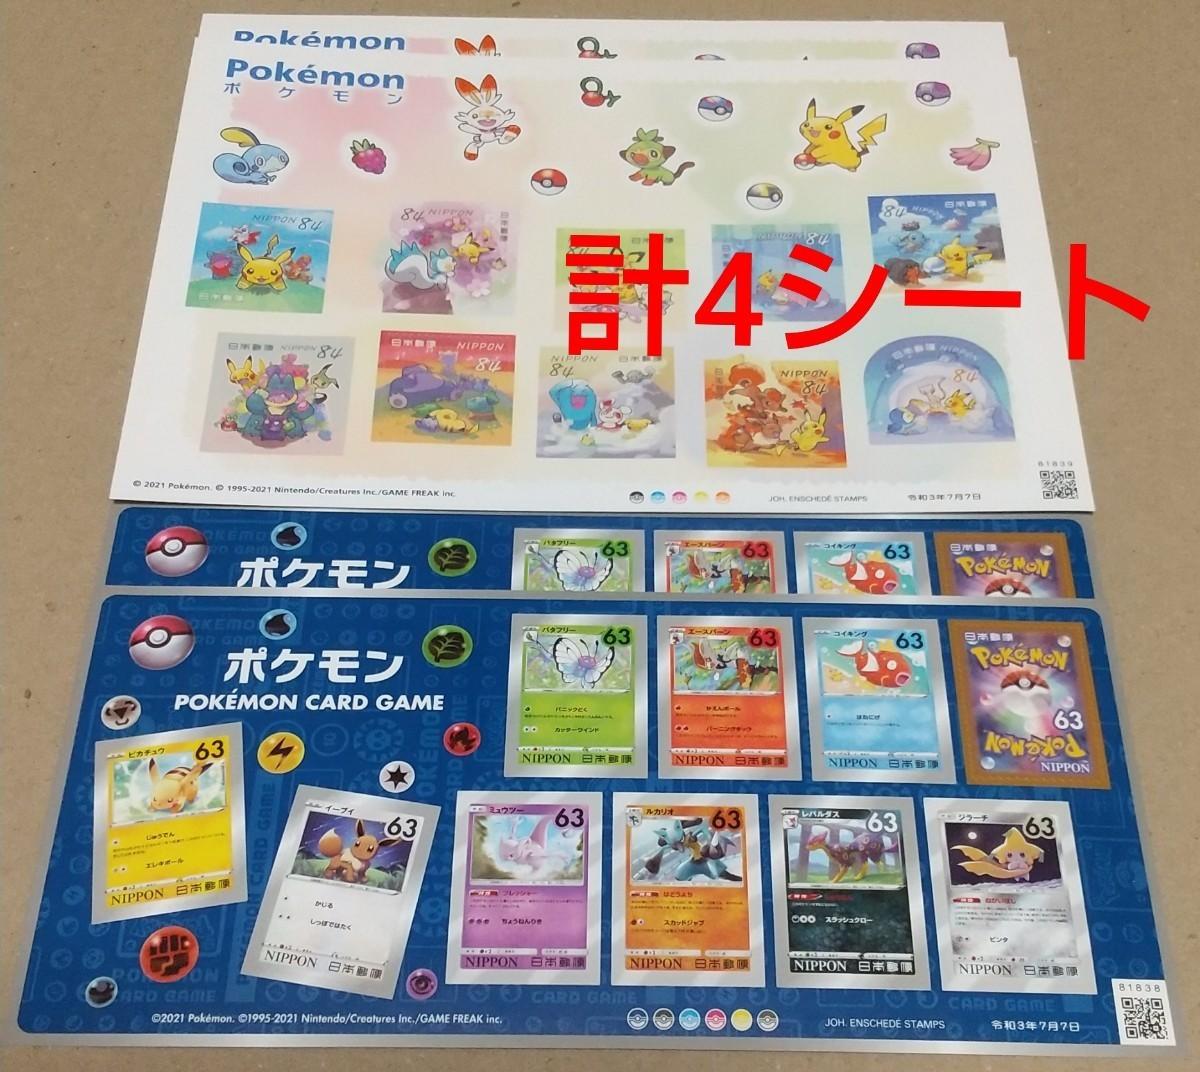 4シート ポケモン 84円と63円 シール切手シートセット  シール式切手 記念切手